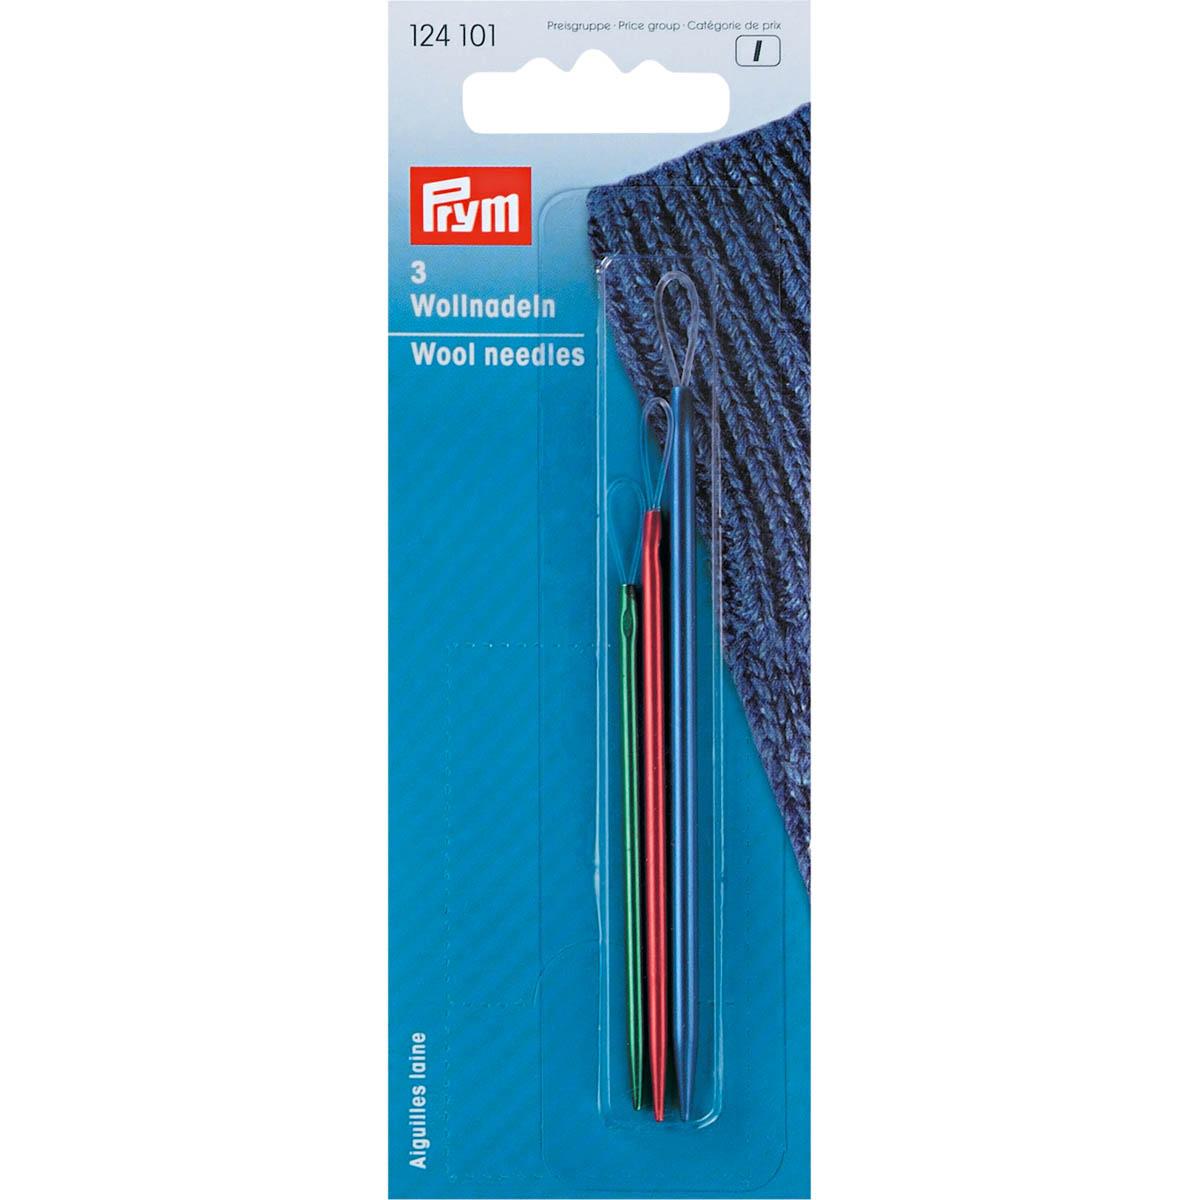 124101 Иглы для шерсти с гибким ушком (алюминий), 3шт.  Prym